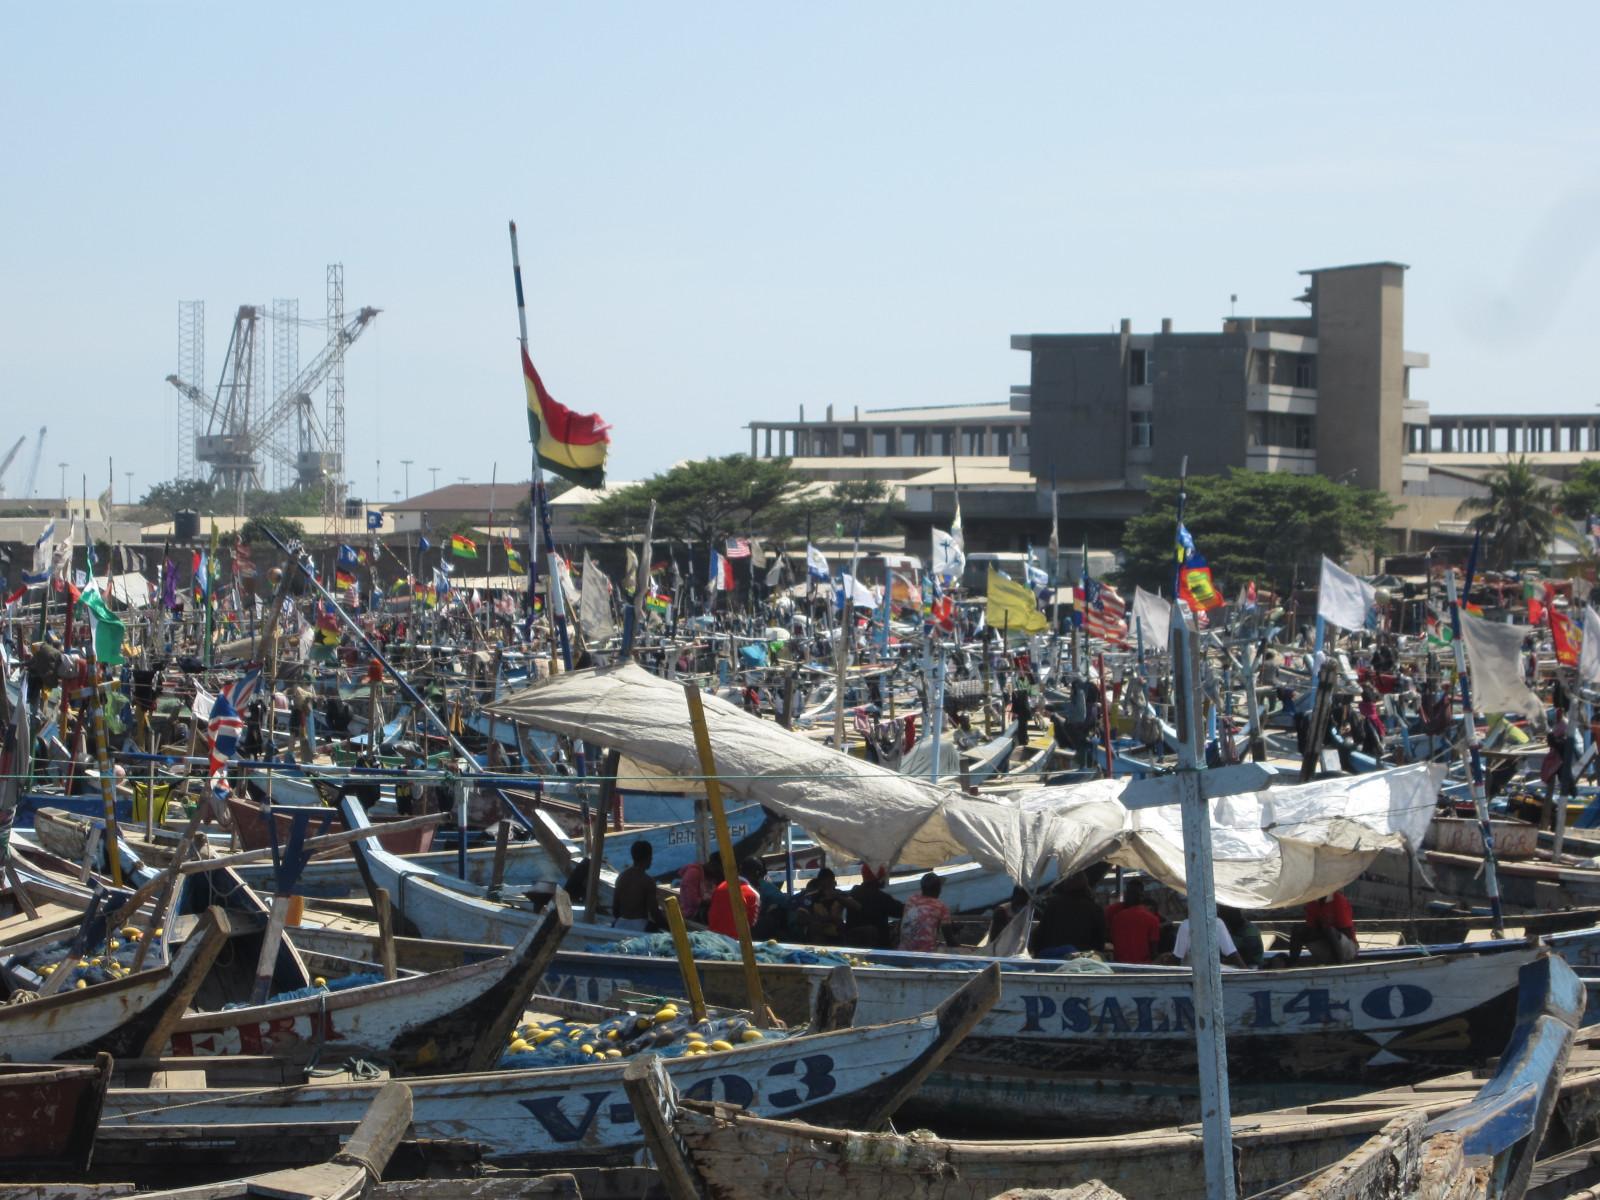 Tema Hafen